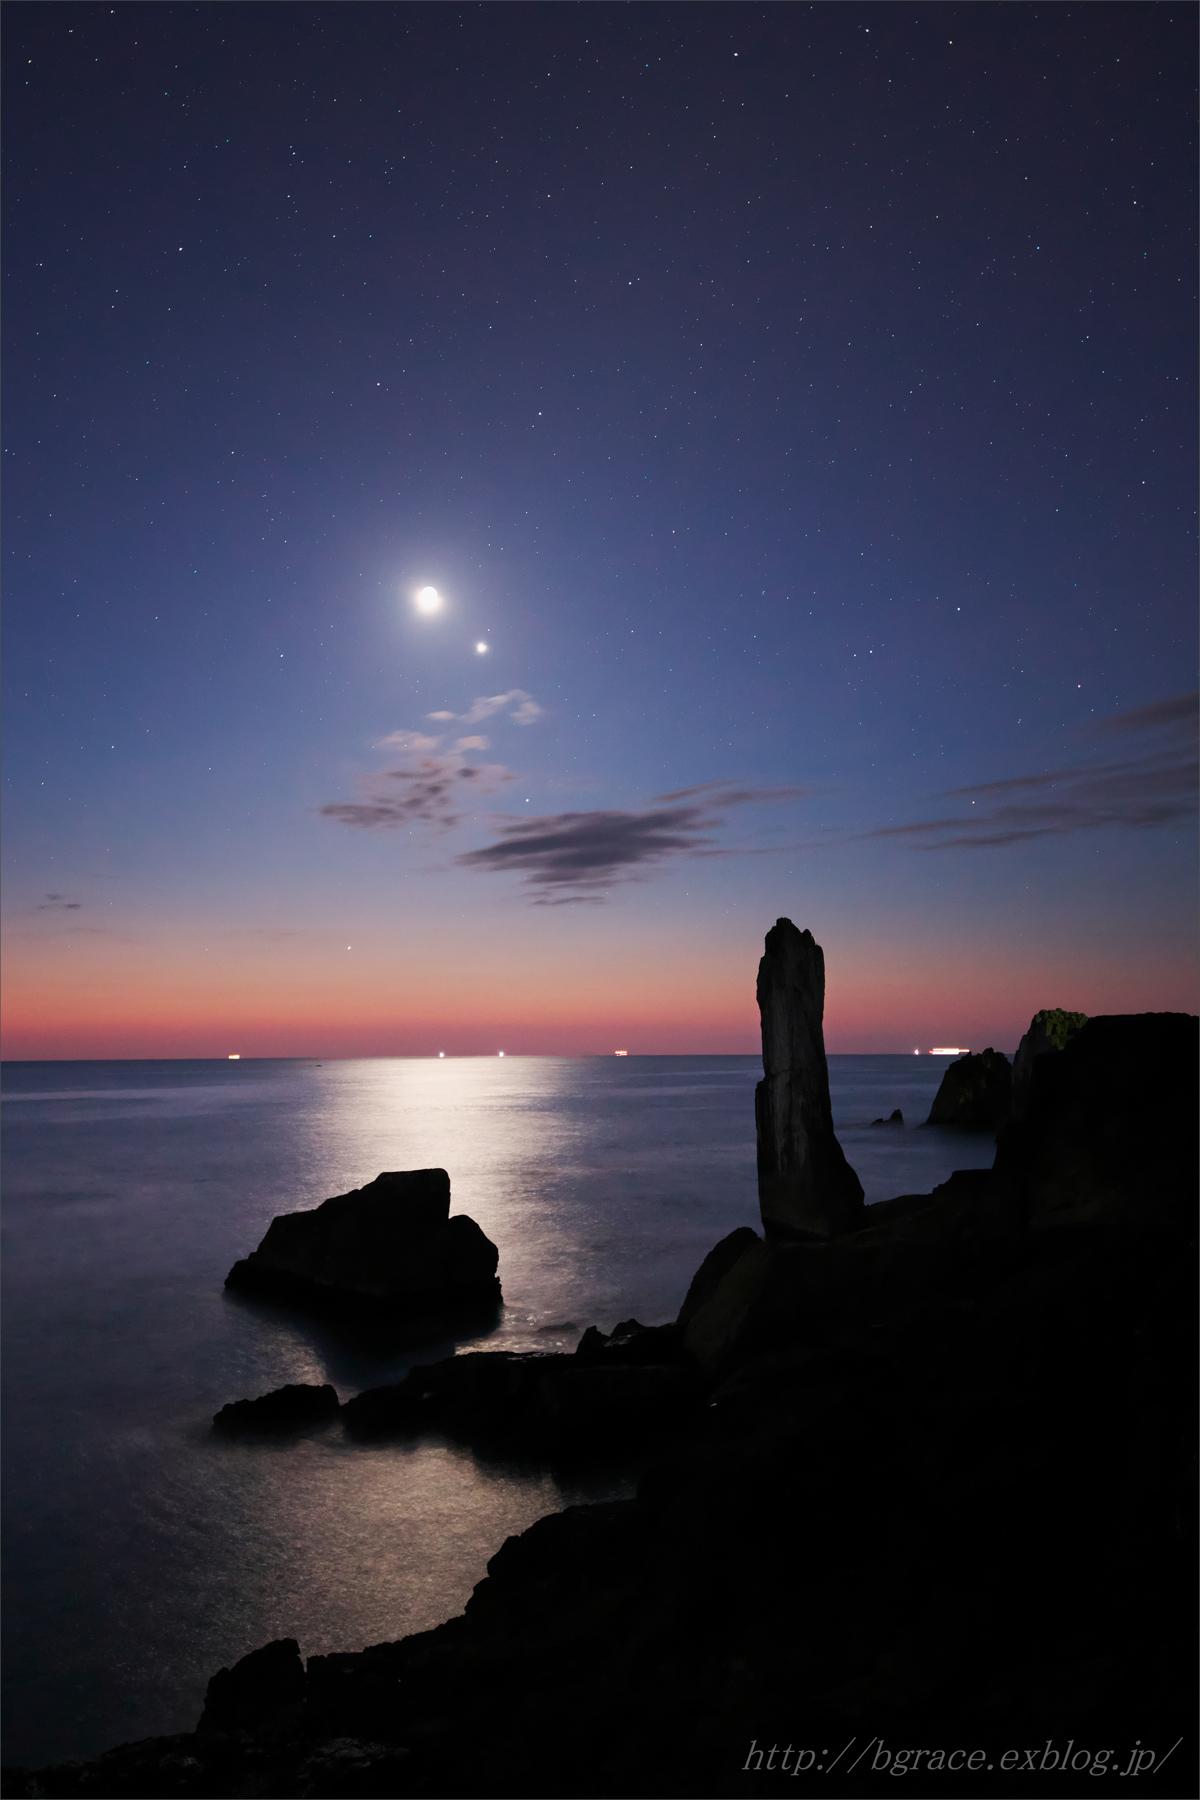 夜明けの惑星_b0191074_22362100.jpg